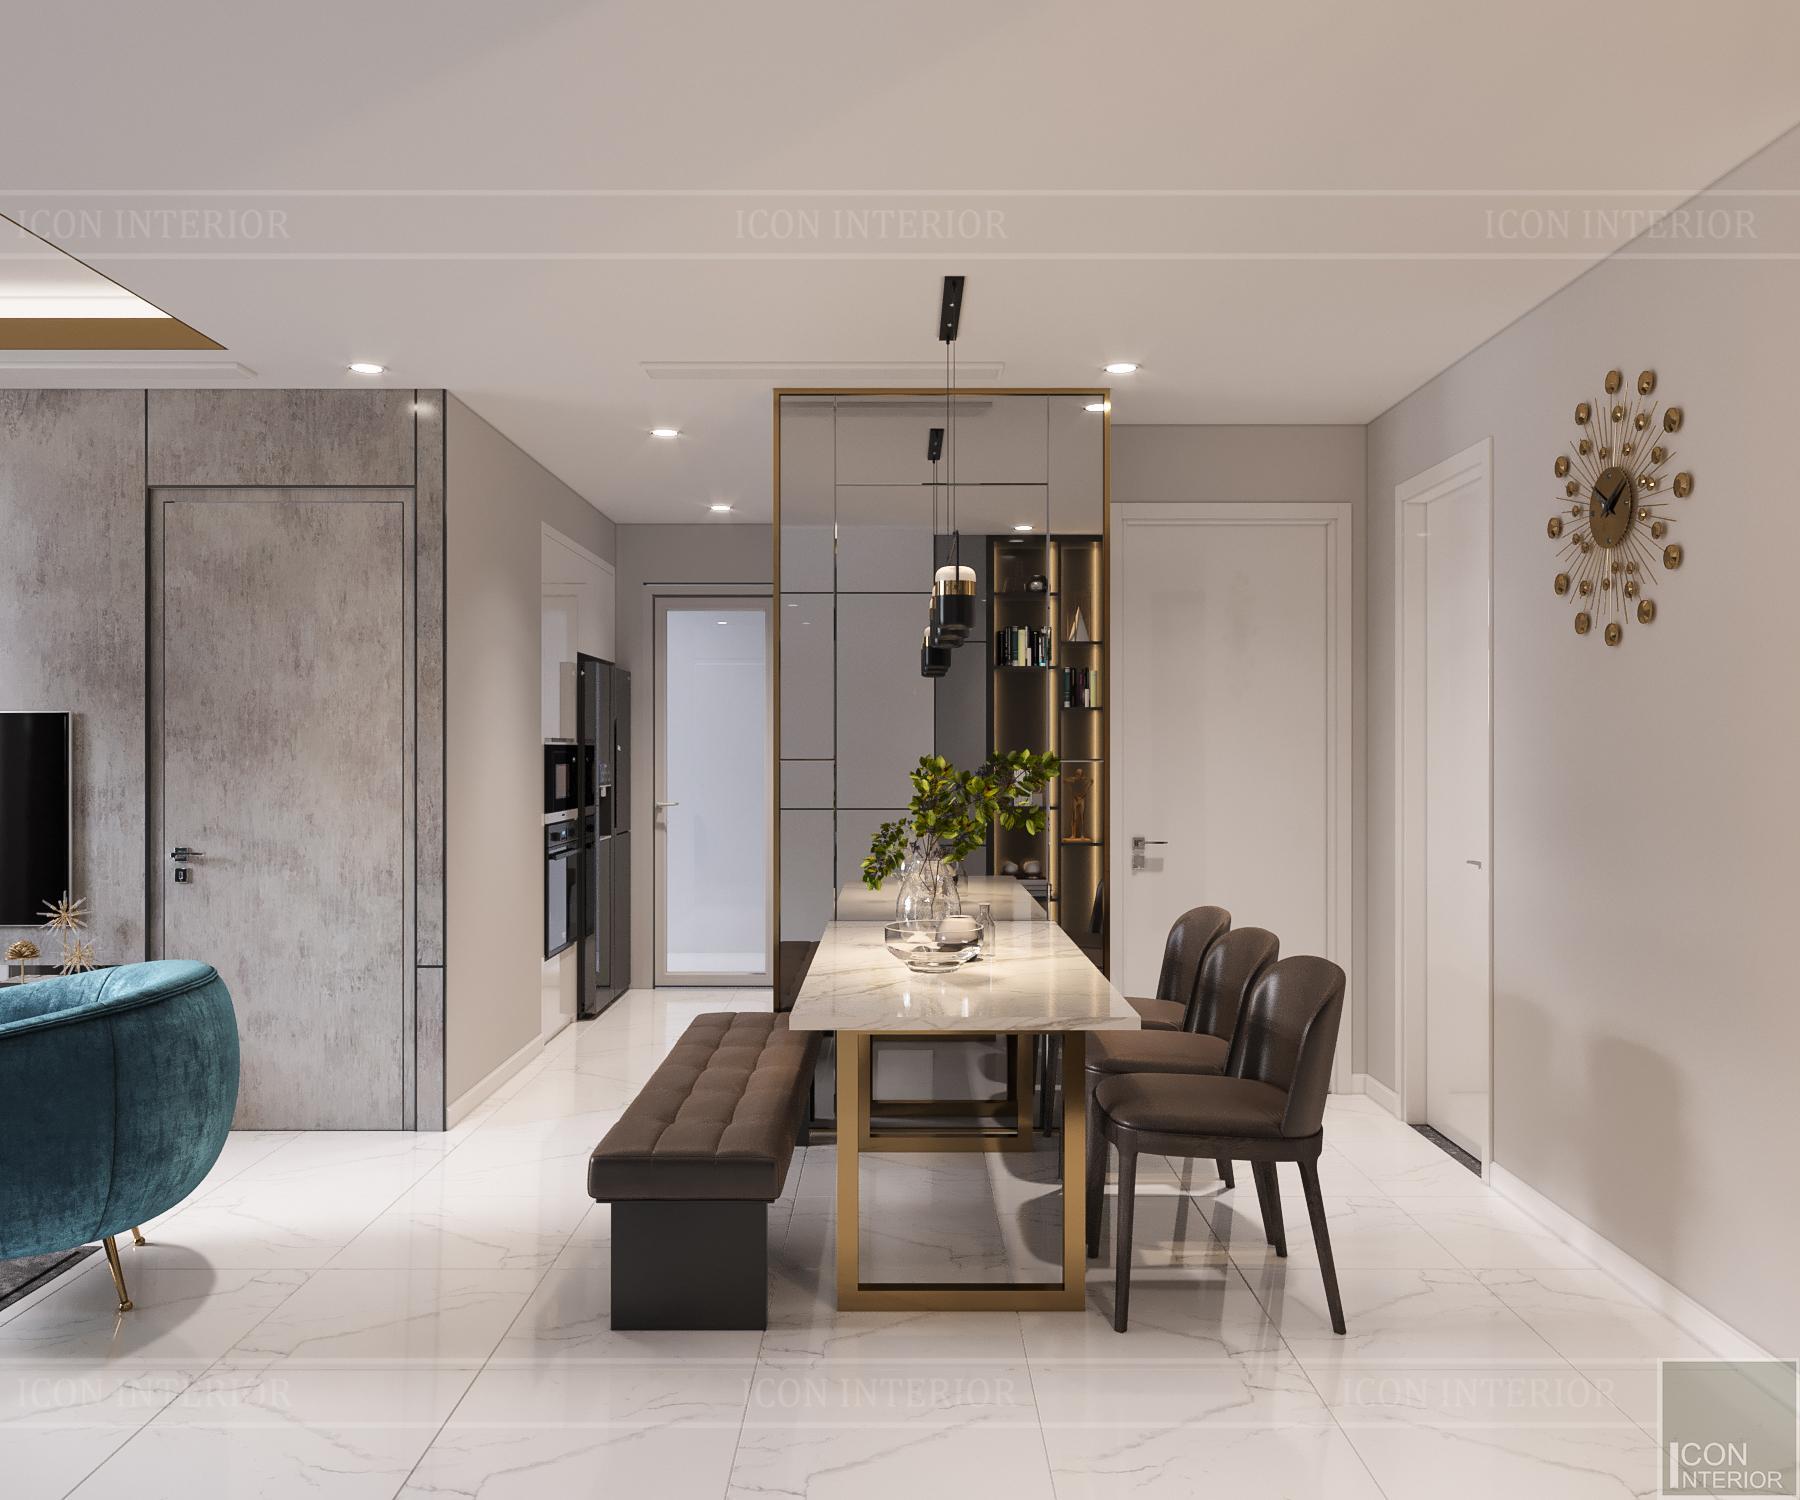 thiết kế căn hộ 3 phòng ngủ hiện đại - phòng ăn